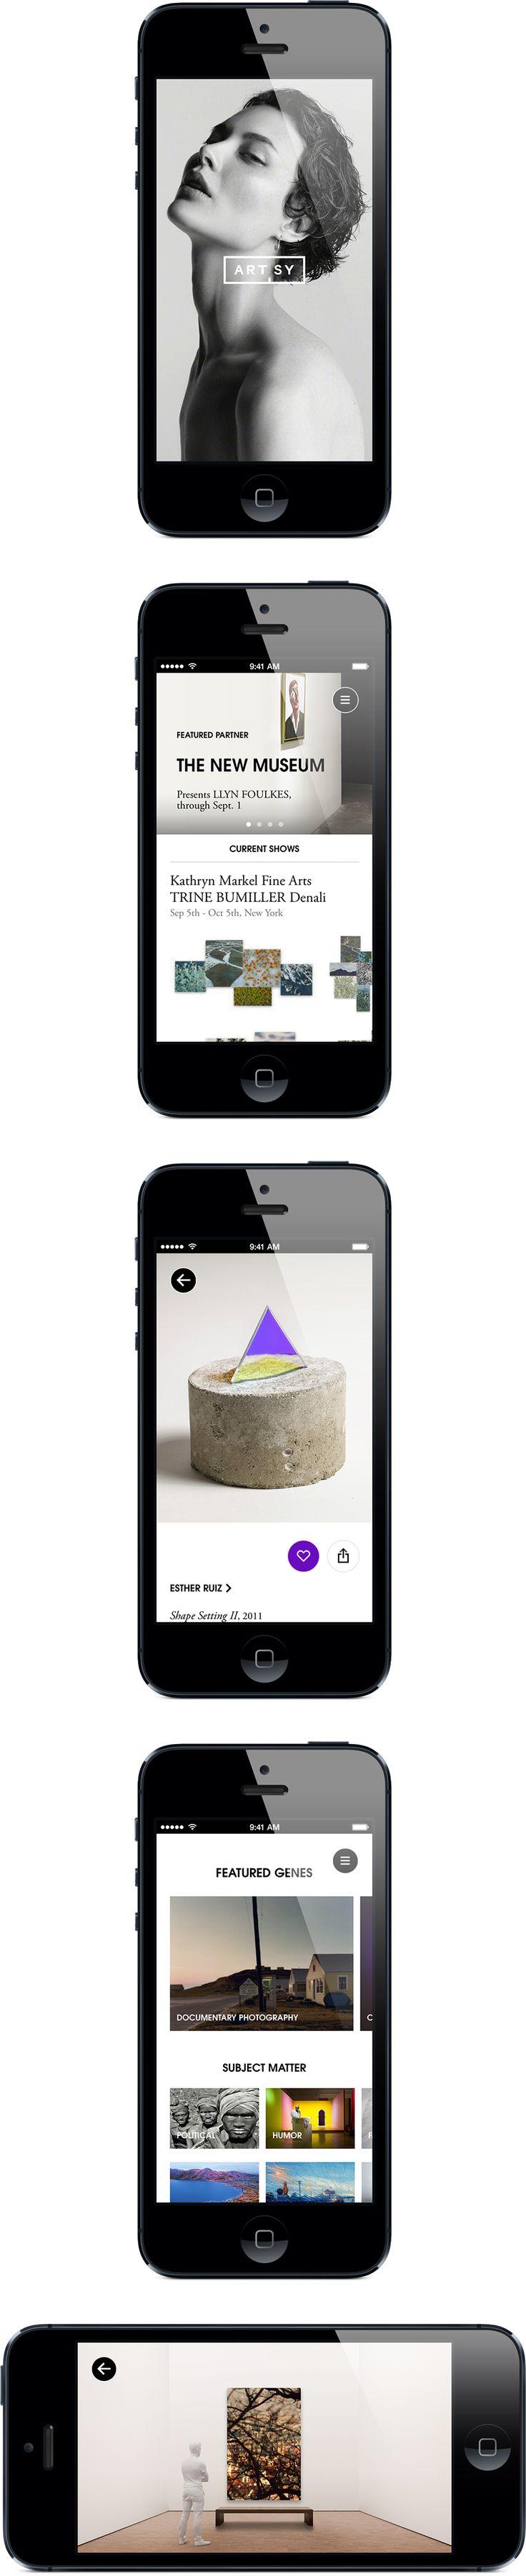 Daniel Källbom - Artsy App Design